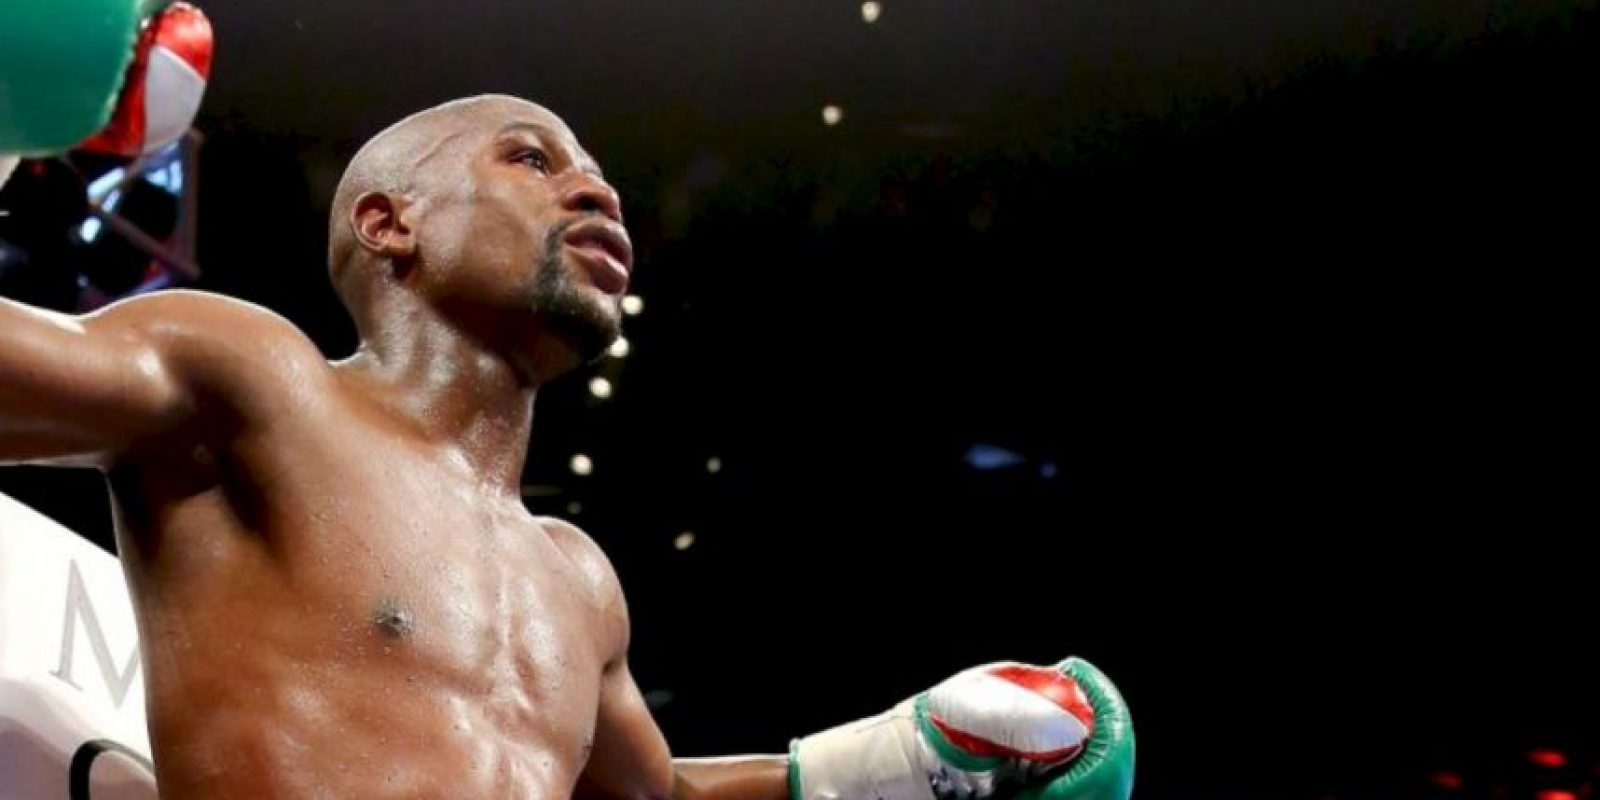 Superaría los 151.6 millones de dólares que recaudó el combate entre Mayweather y Saúl Álvarez Foto:Getty Images